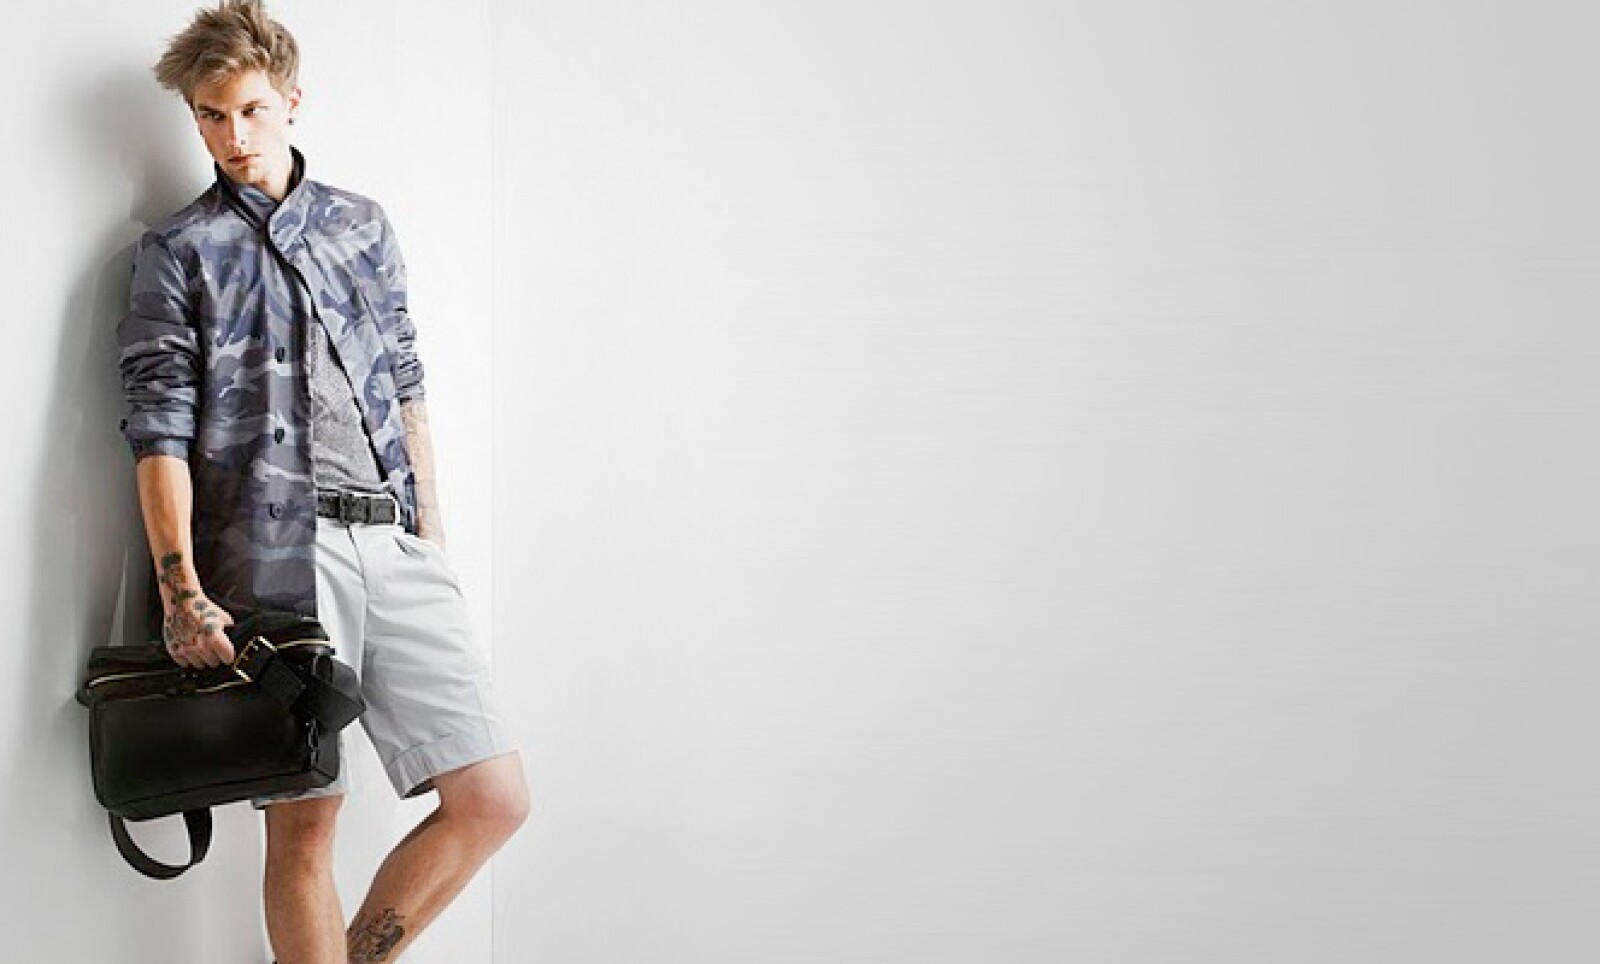 Un 'look' más atrevido con este 'blazer' con camuflaje, pantalones cortos y un maletín de piel.